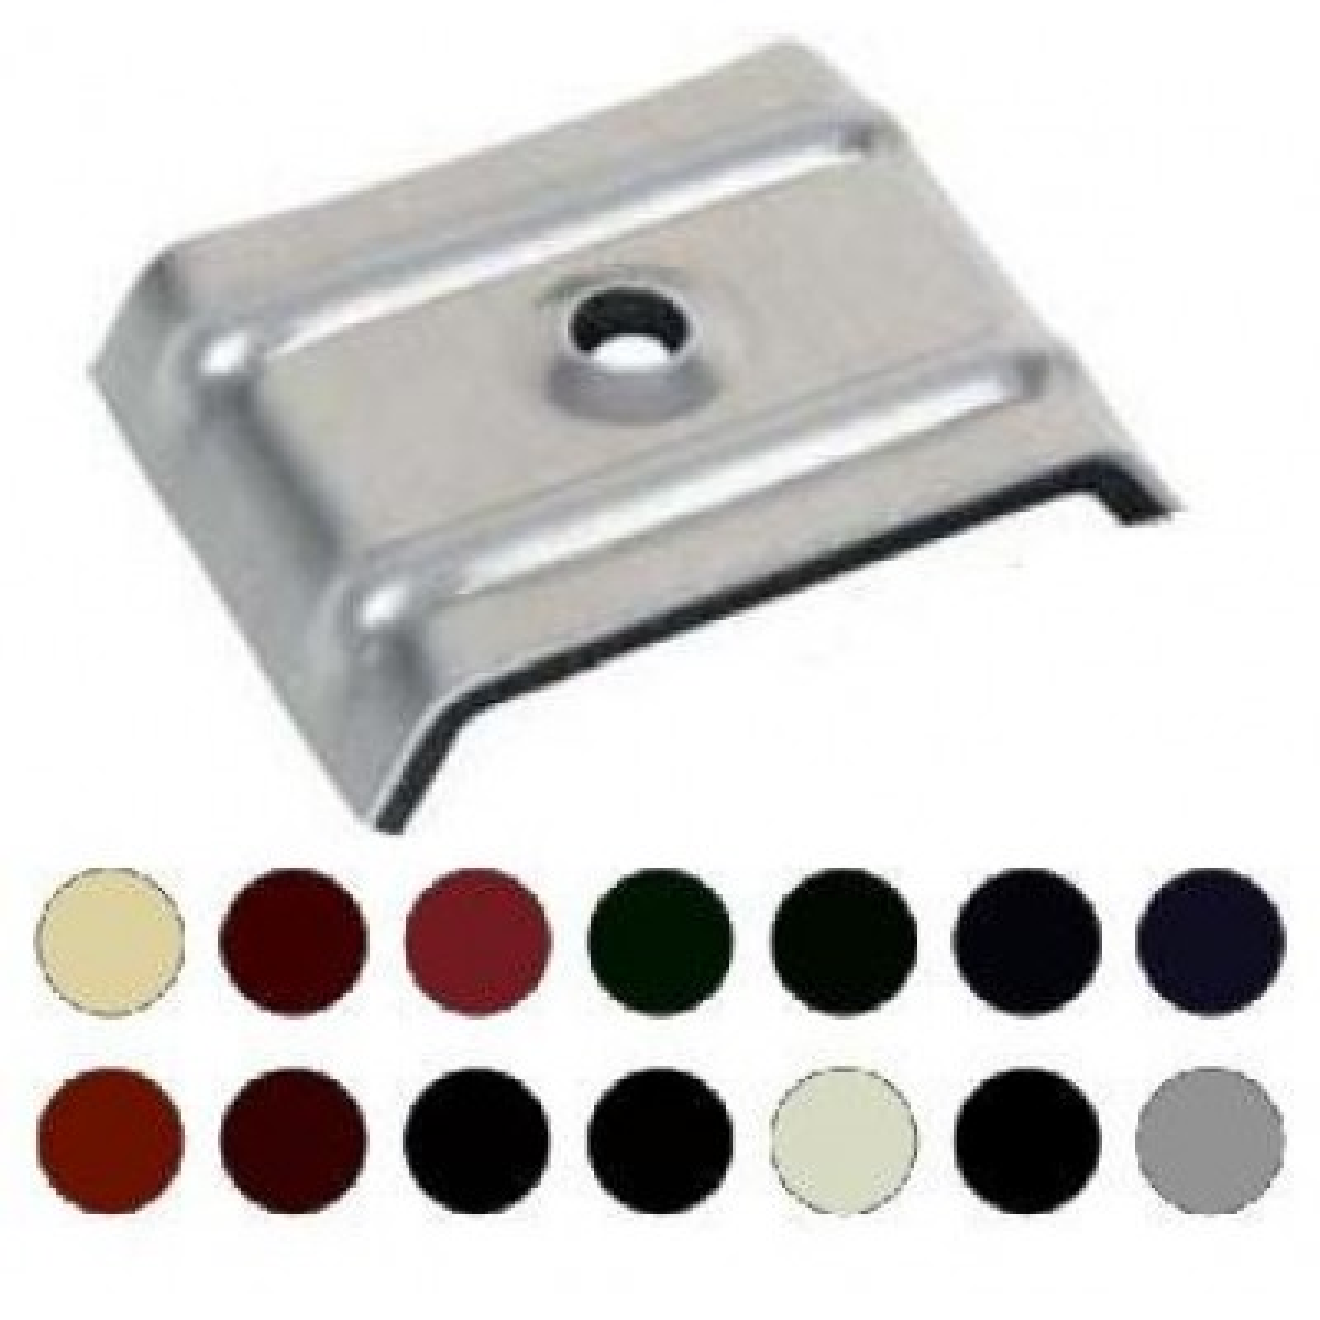 kalotten aus aluminium mit epdm dichtung farbig typ 35 207 40 36 100 st ck schrauben. Black Bedroom Furniture Sets. Home Design Ideas